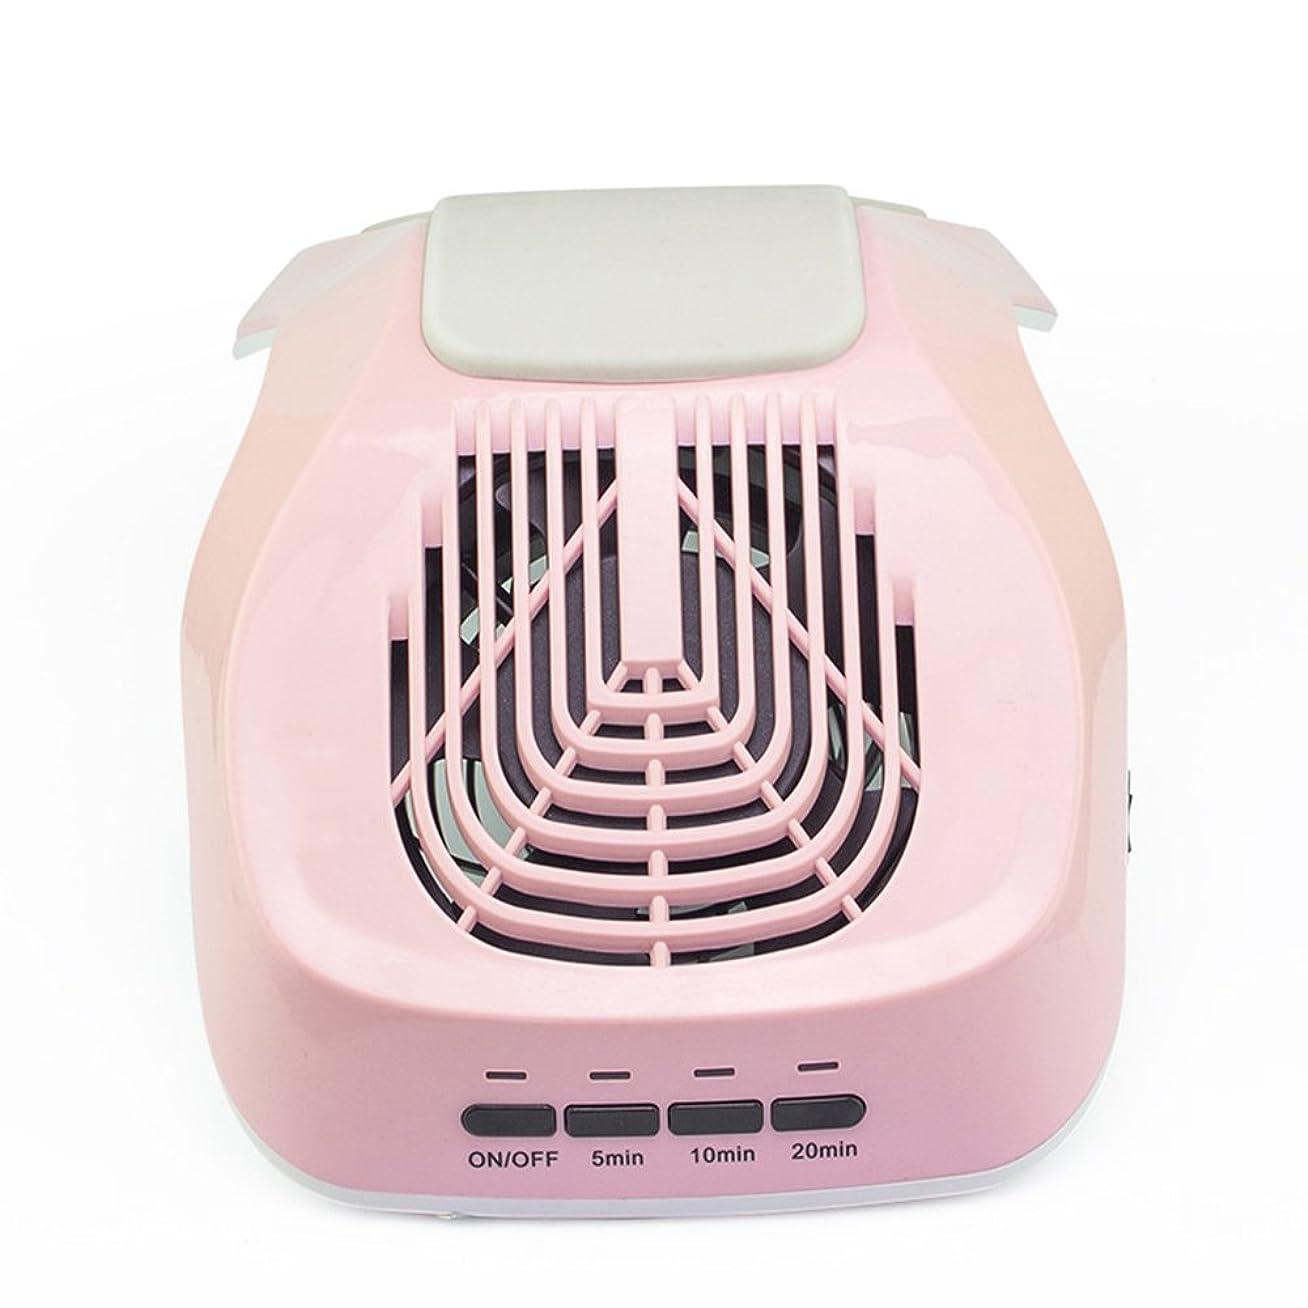 代表して静的ヒップ爪掃除機25Wミニプロフェッショナル1ファン扇風機ビッグサクション爪パウダーダストコレクターライトピンク